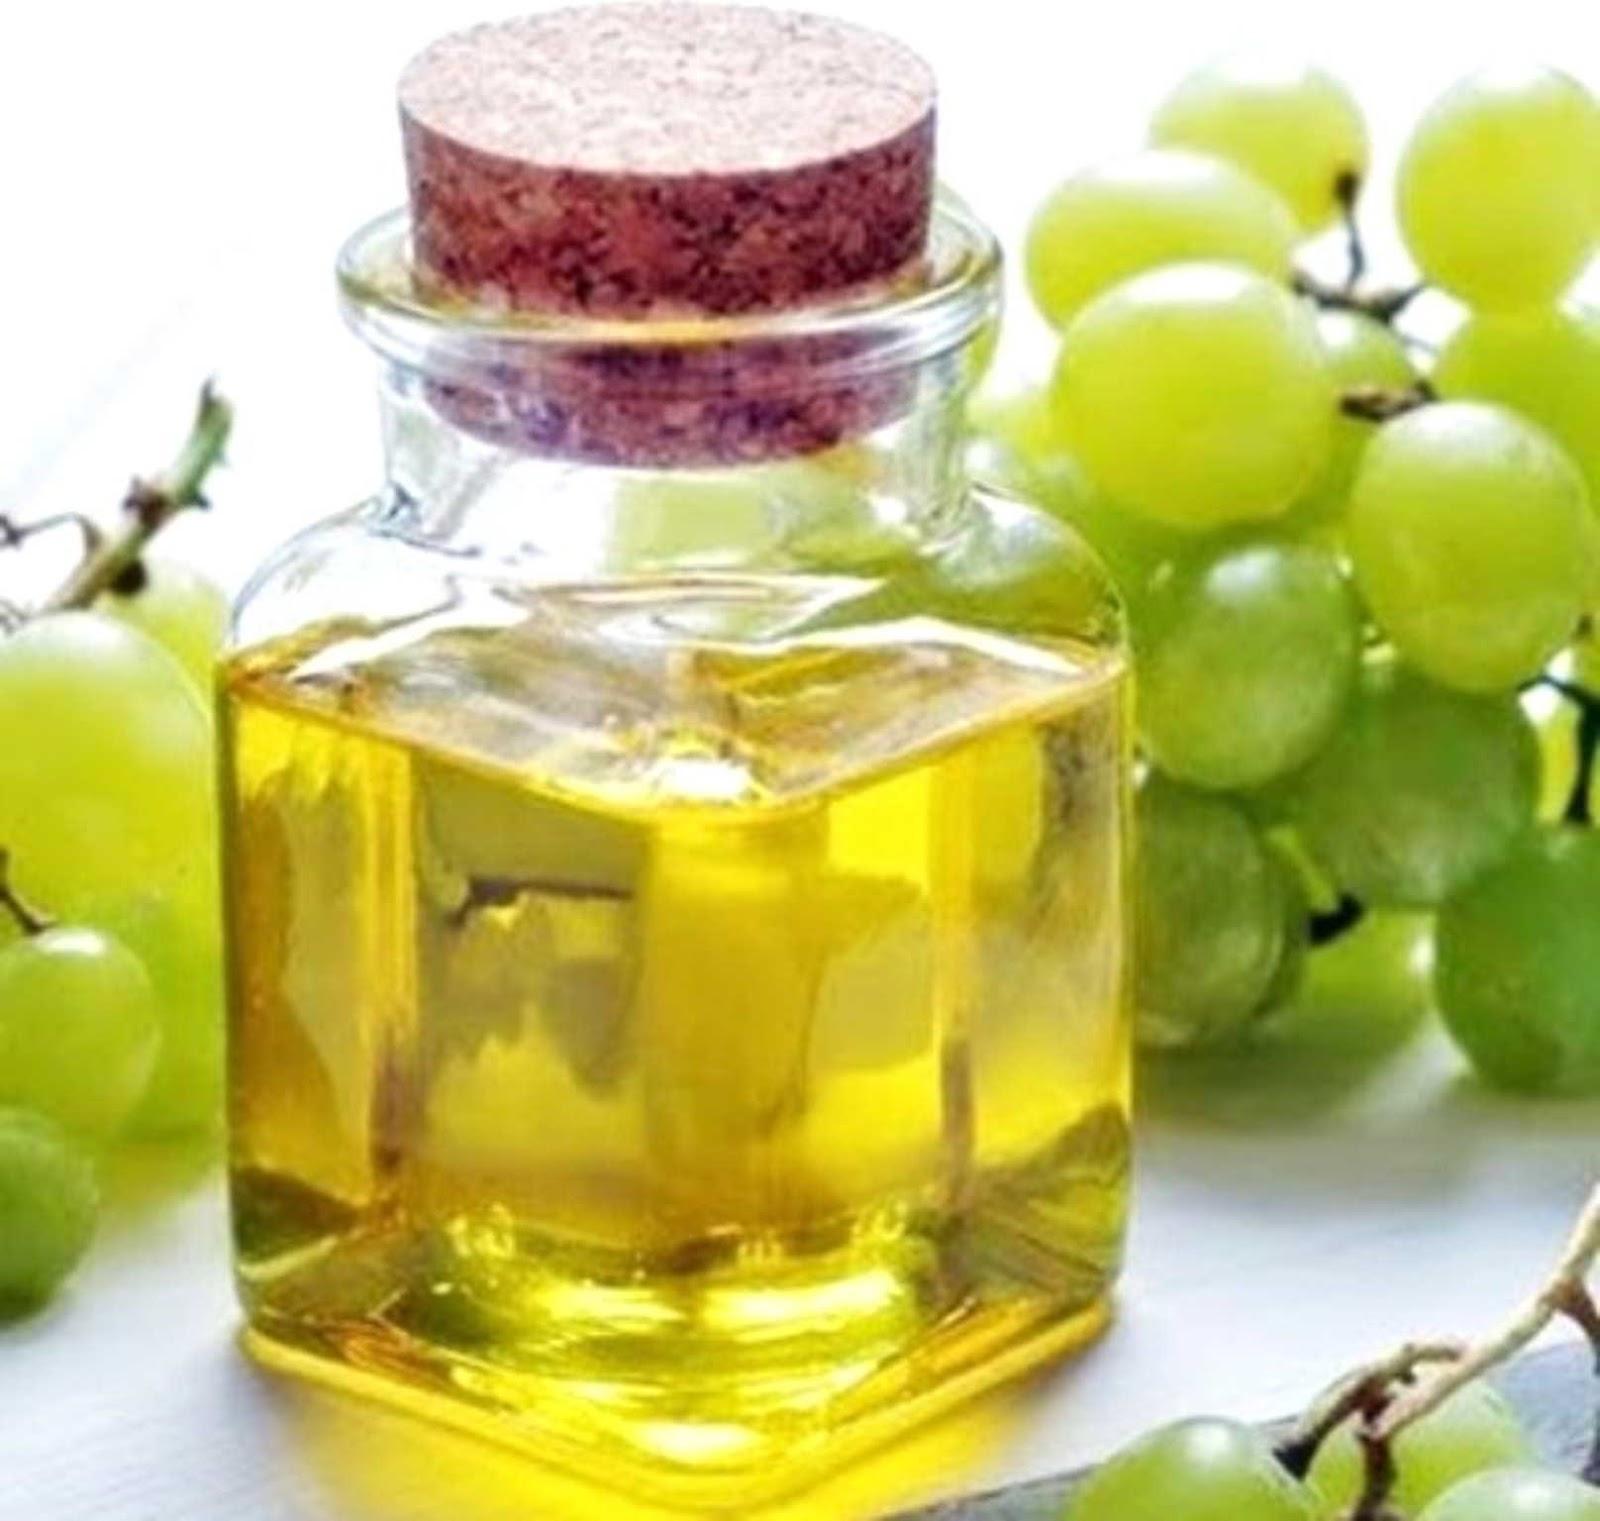 Cara Mengatasi dan Mencegah Rambut Rontok dengan Minyak Biji Anggur caramerawatrambutampuh.blogspot.com